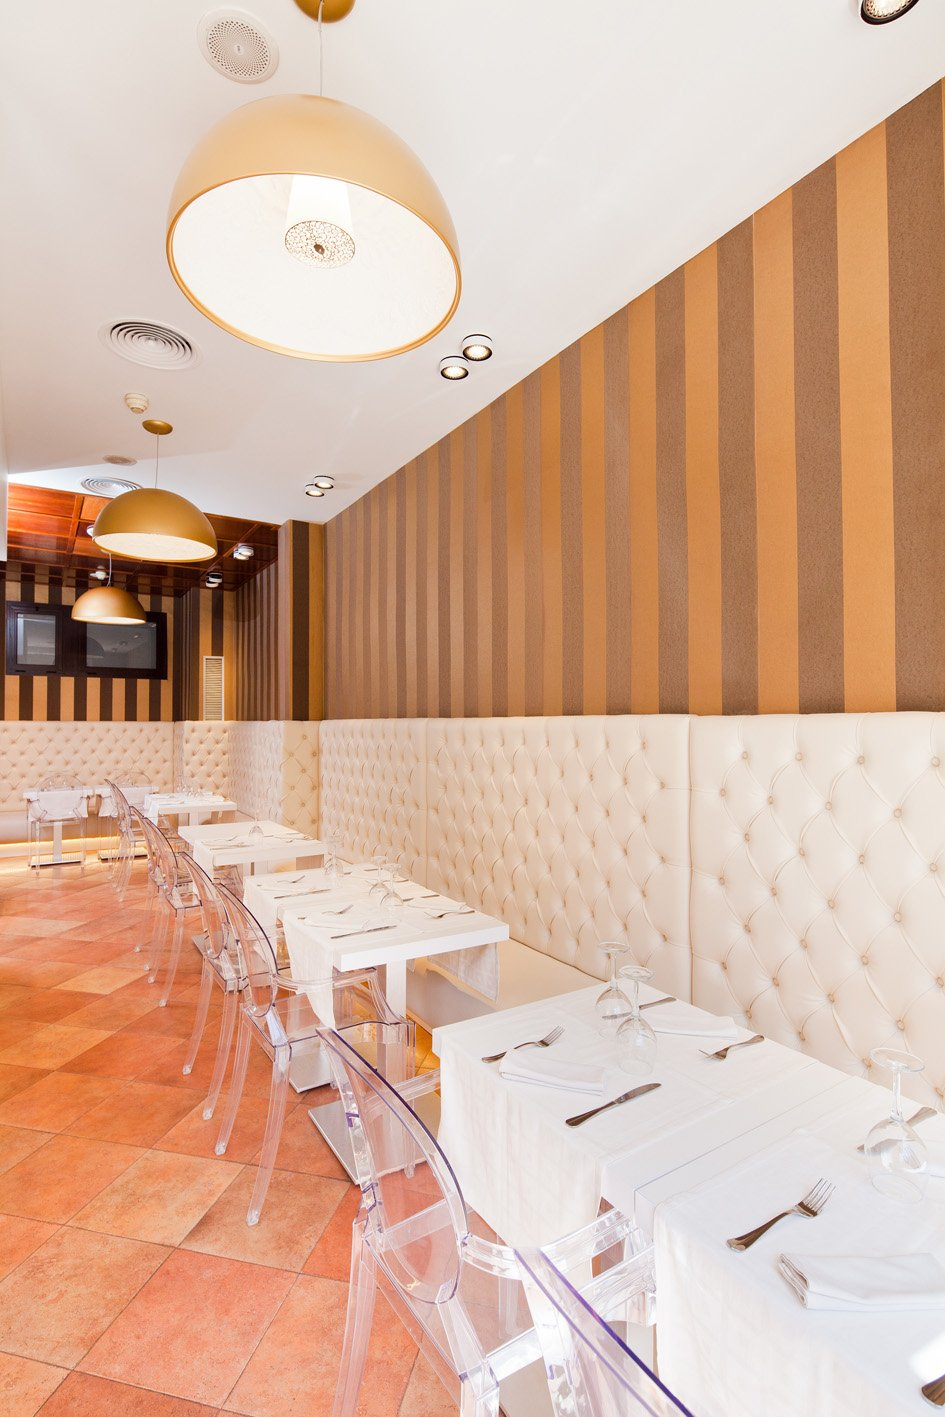 hotel_la_fontnombre_del_documento_7-3b94c0367c5ea89fde0145d34347897d